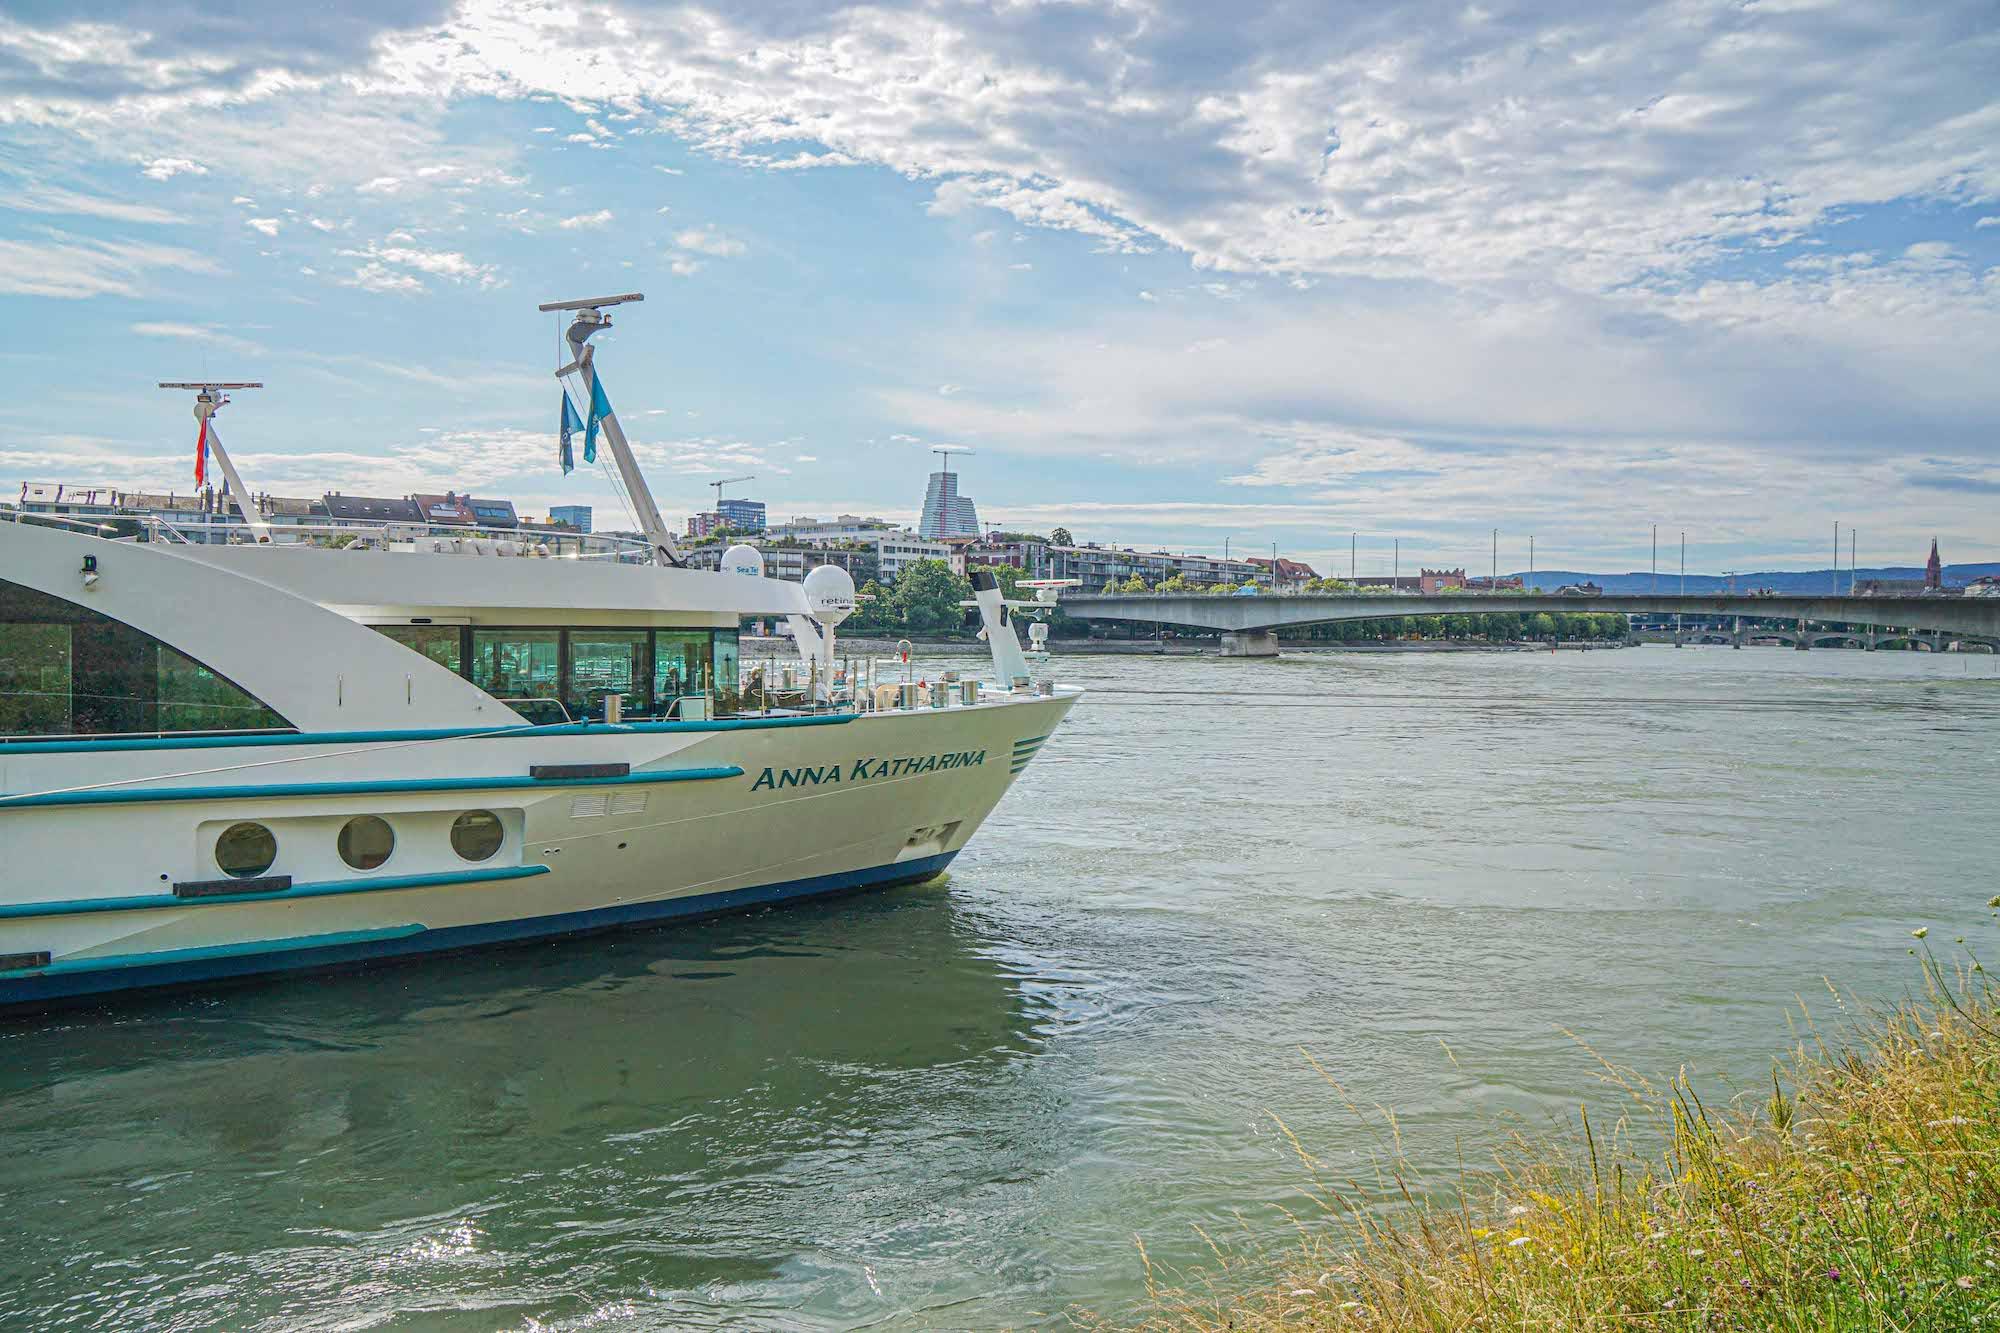 MS Anna Katharina: Fazit zu meiner Rhein-Kreuzfahrt mit Phoenix Reisen